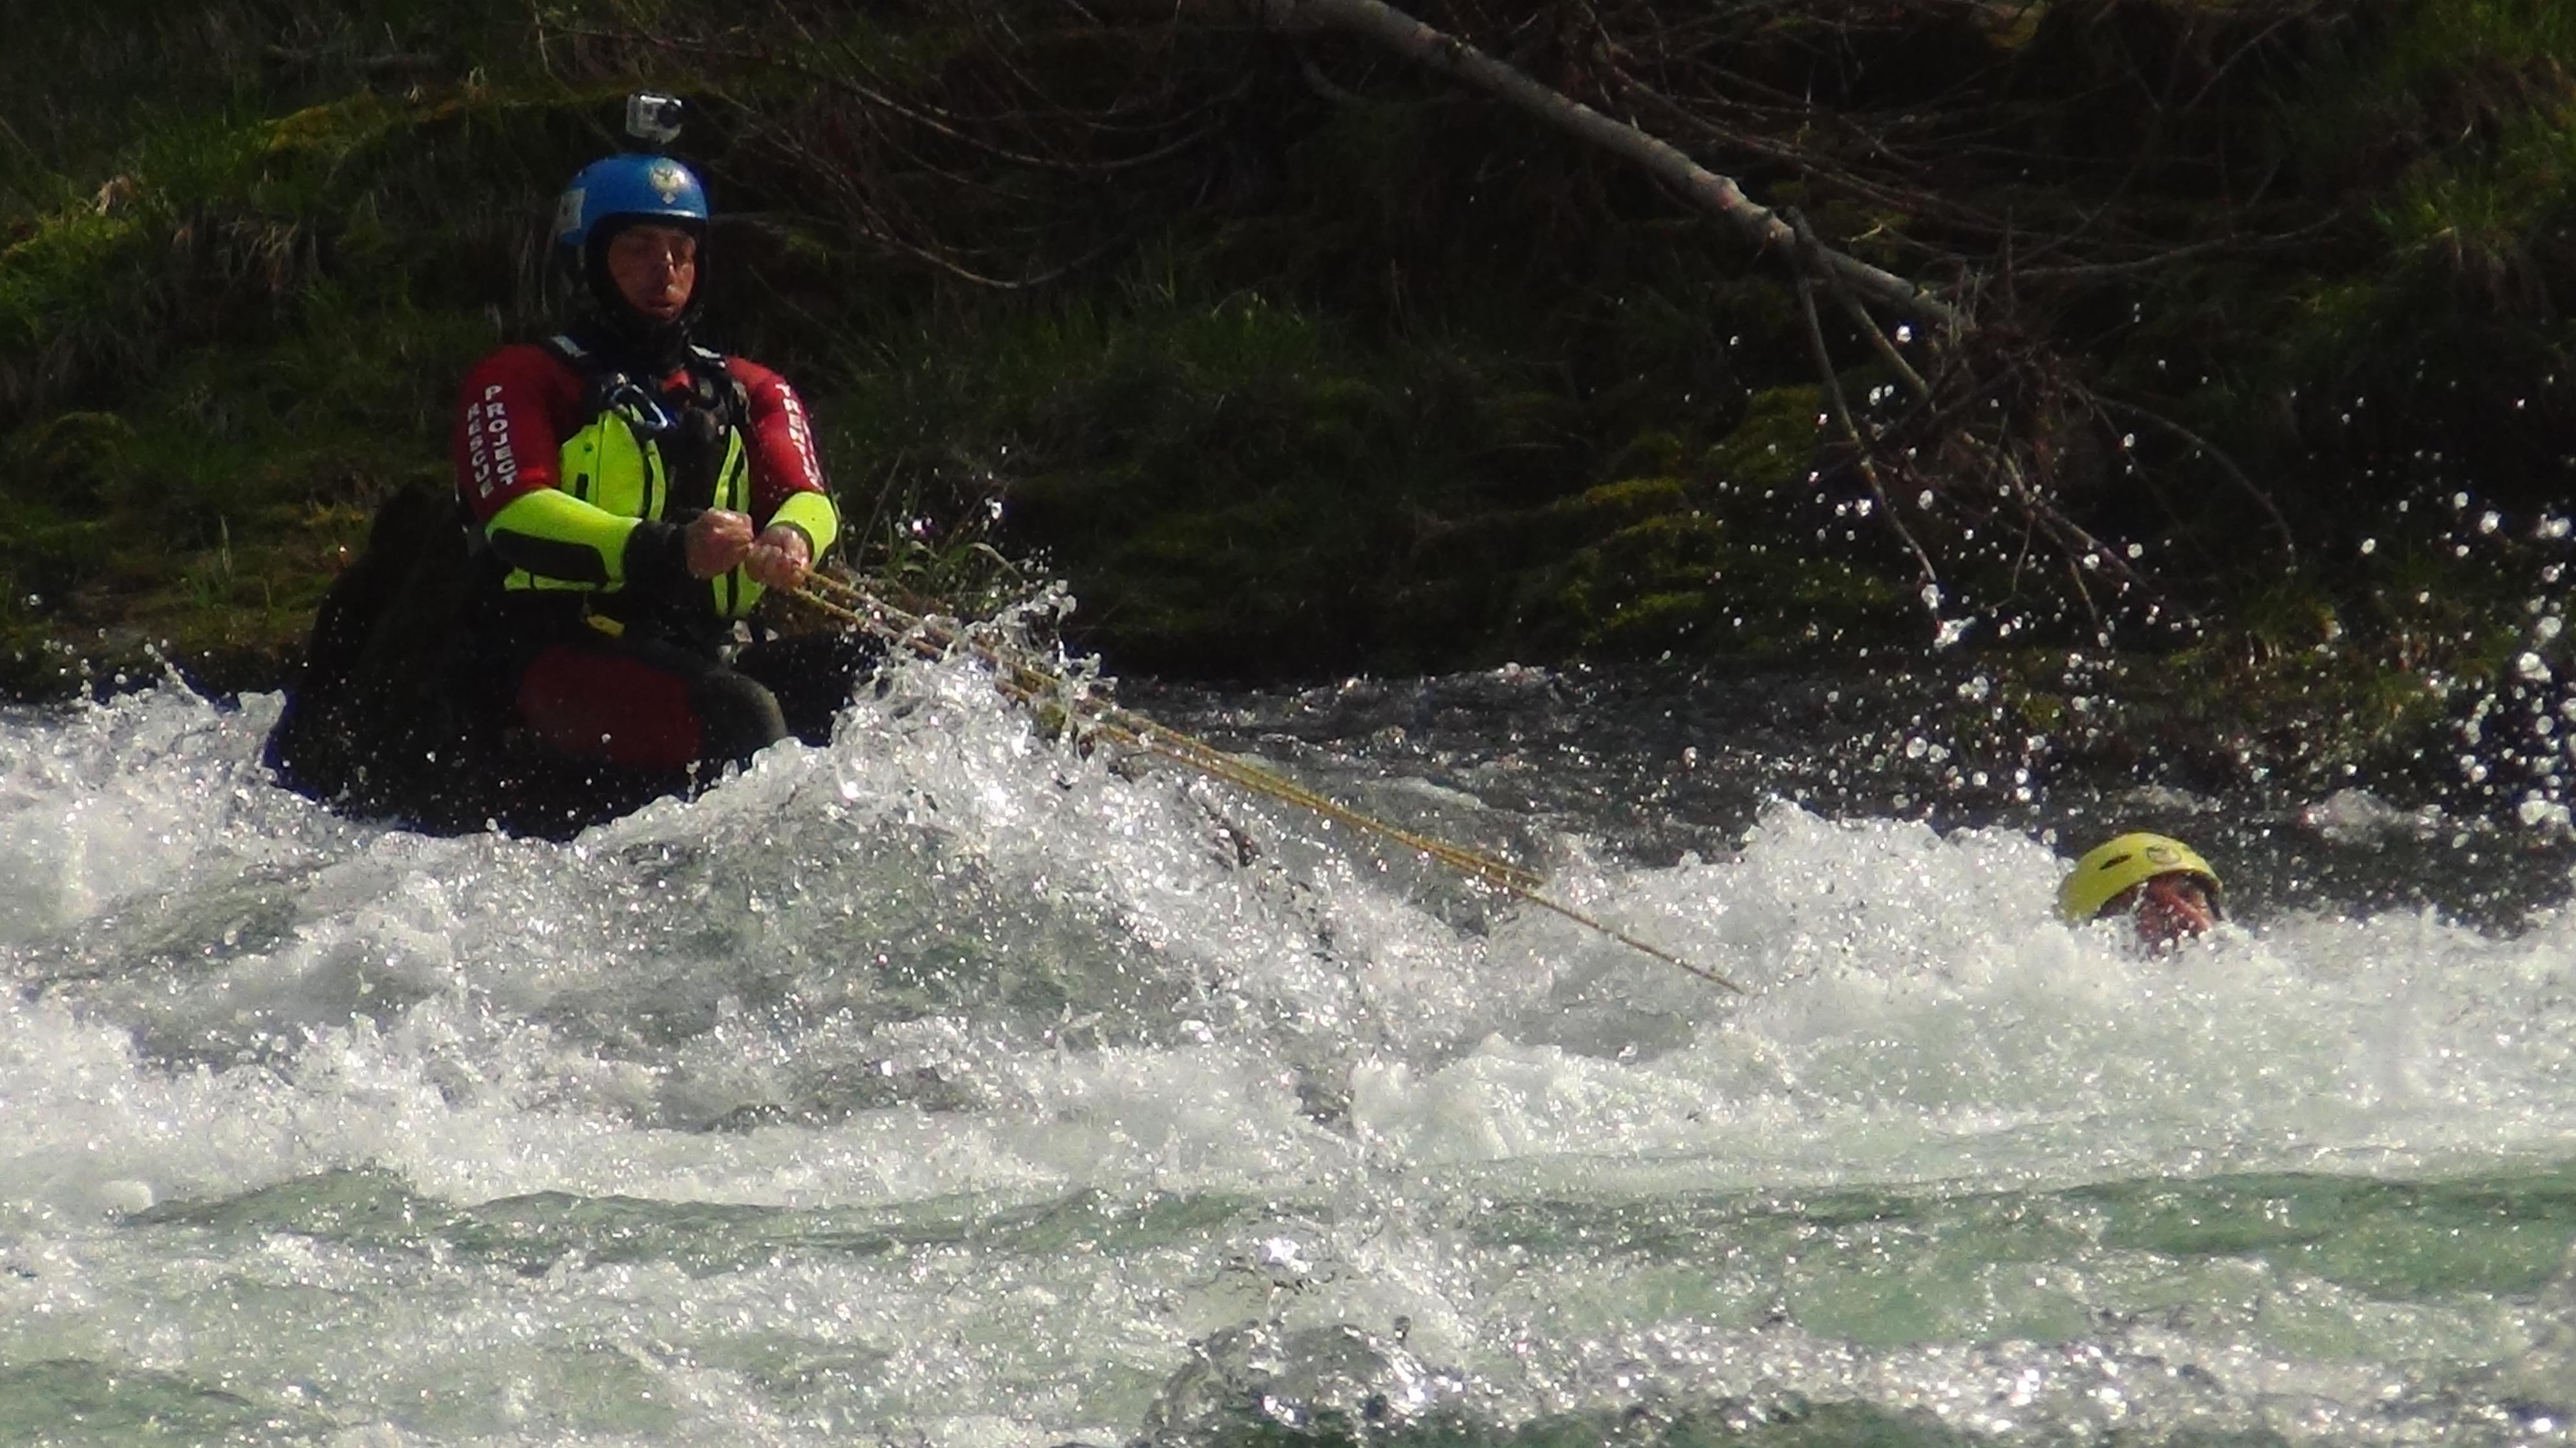 Parte 2: Nuotare in fiume cosa devo sapere e cosa è sbagliato.